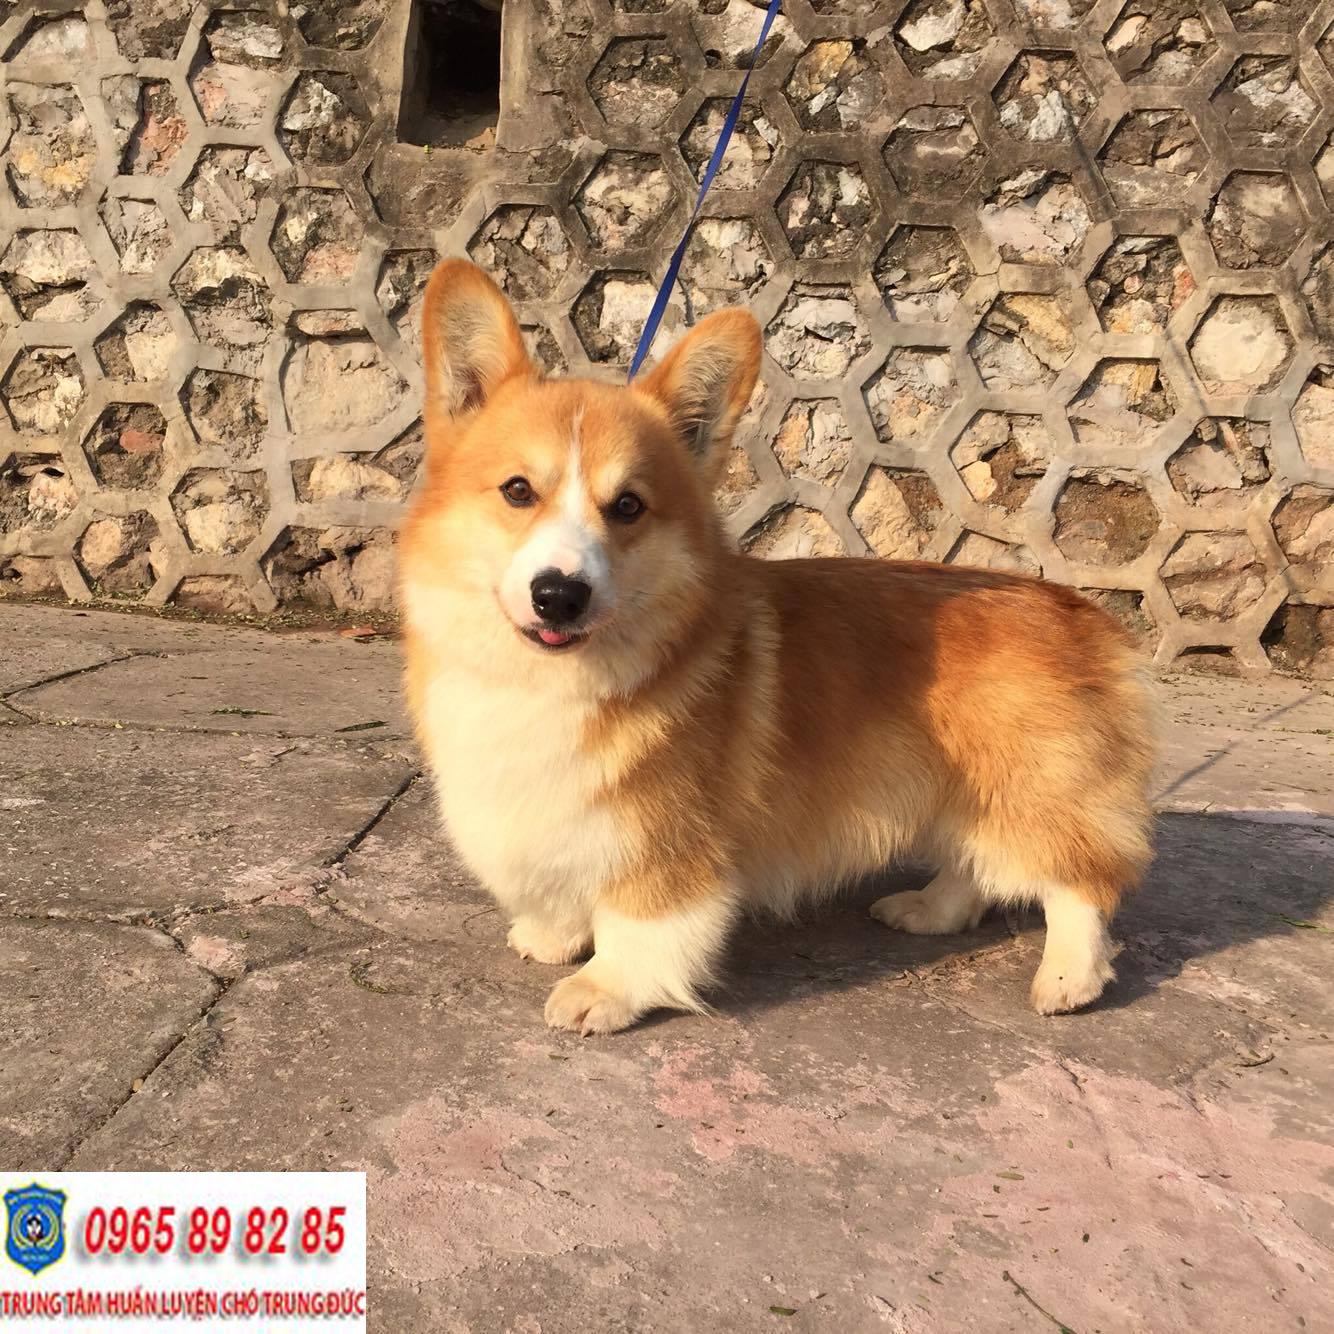 Trung tâm huấn luyện chó huyện Bình Chánh